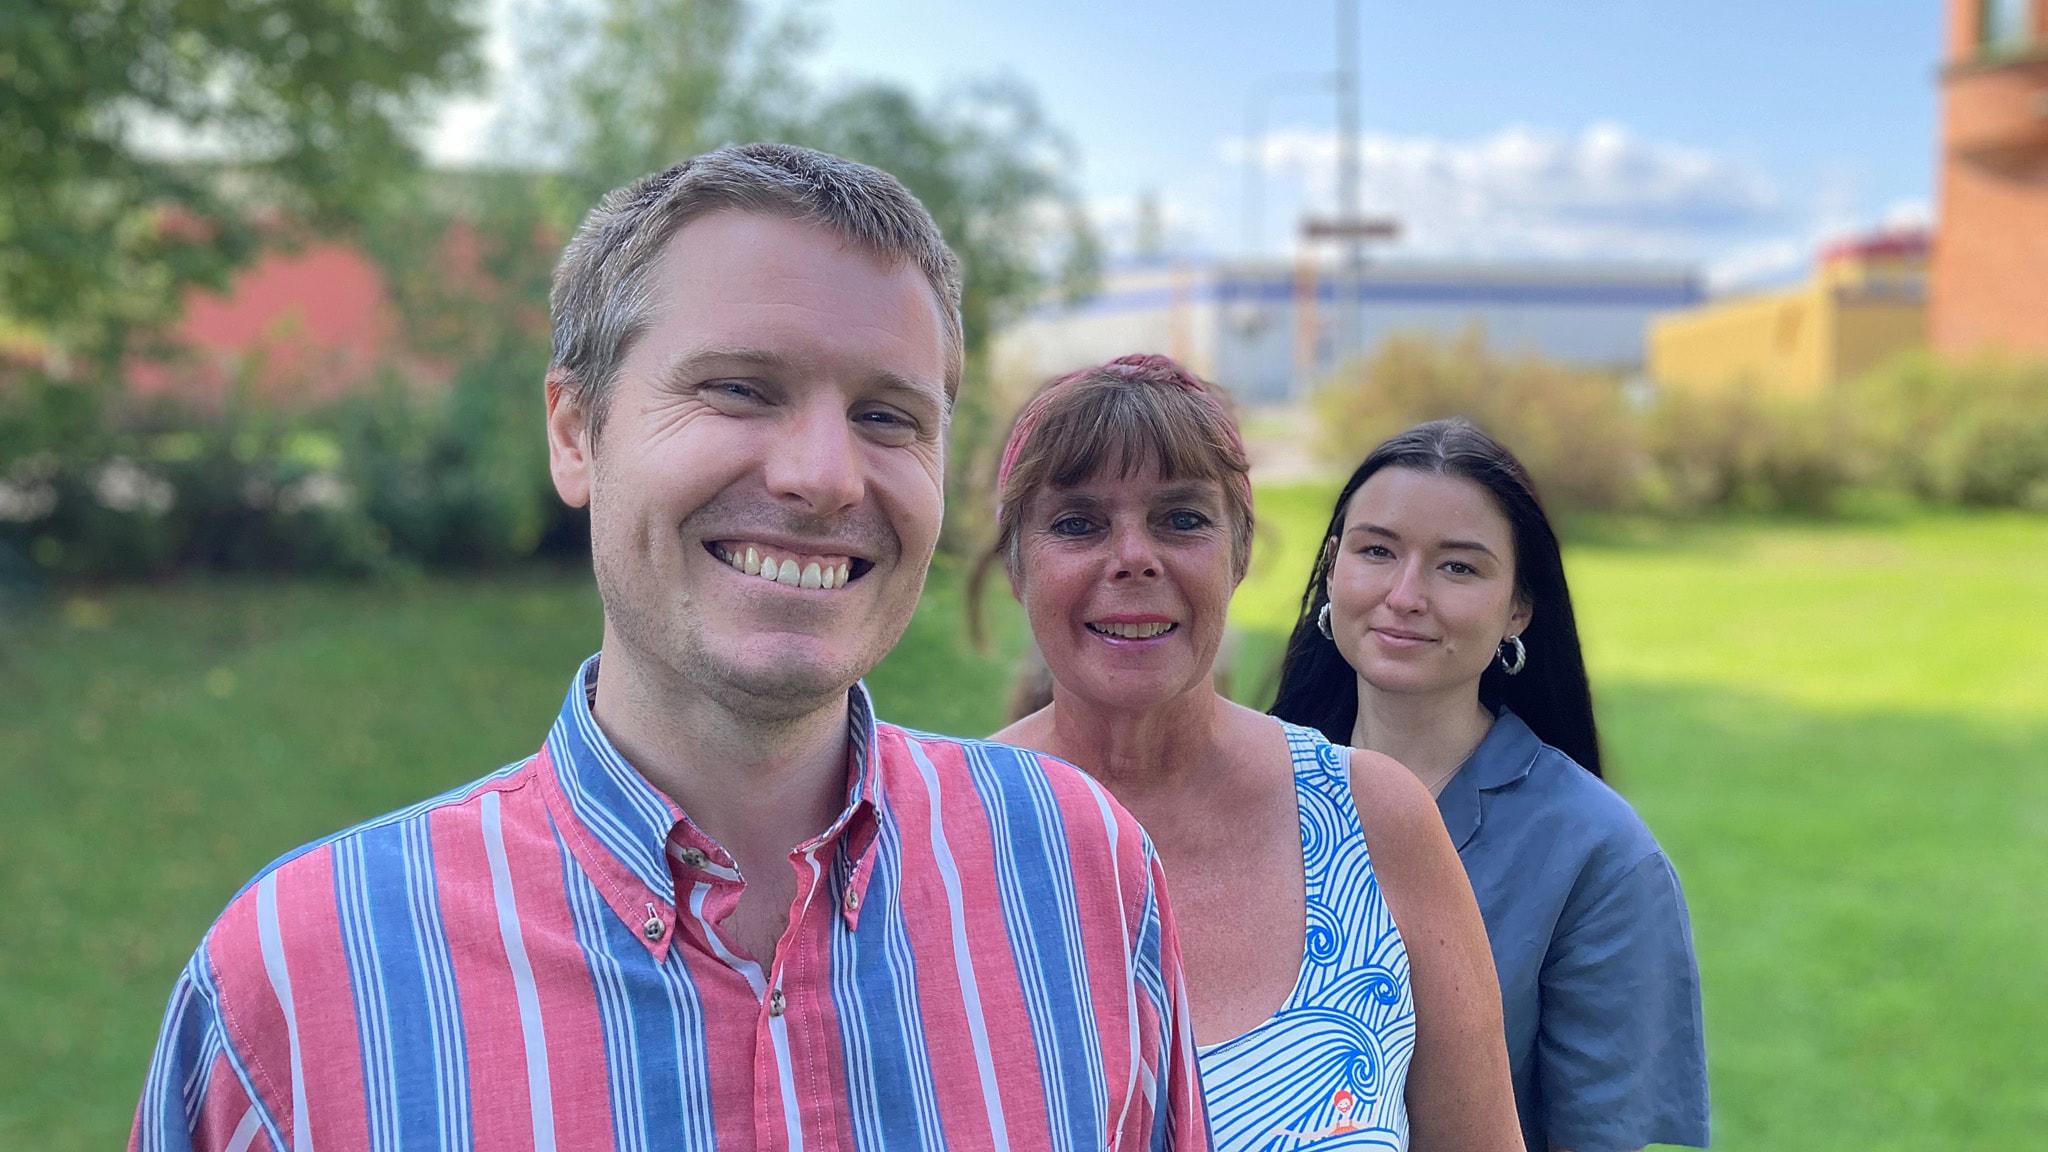 Programbild för Eftermiddag i P4 Kristianstad